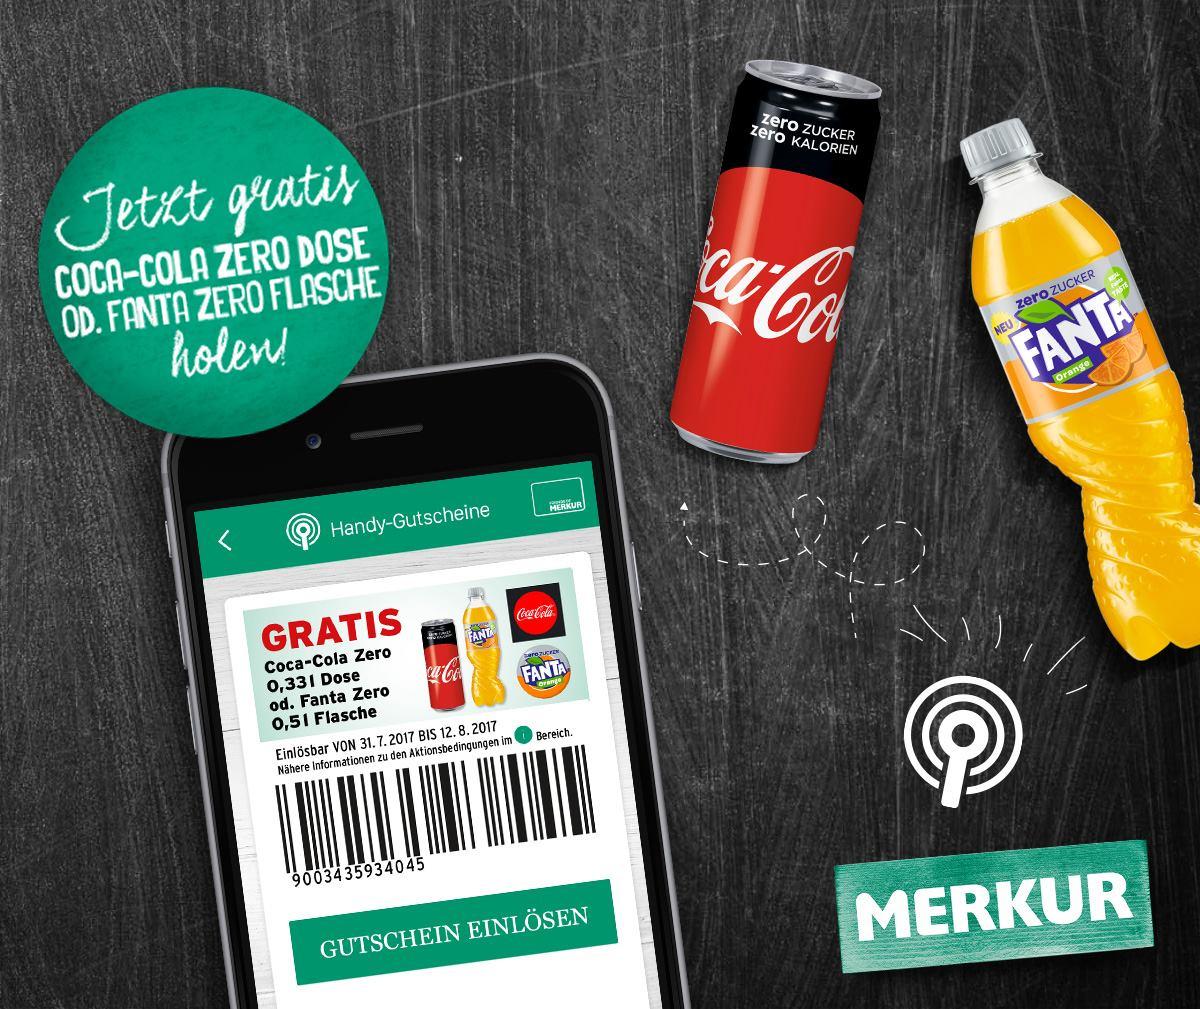 Merkur: Gratis Coca-Cola Zero Dose oder eine Fanta Zero Flasche in ausgewählten Märkten - nur bis morgen!